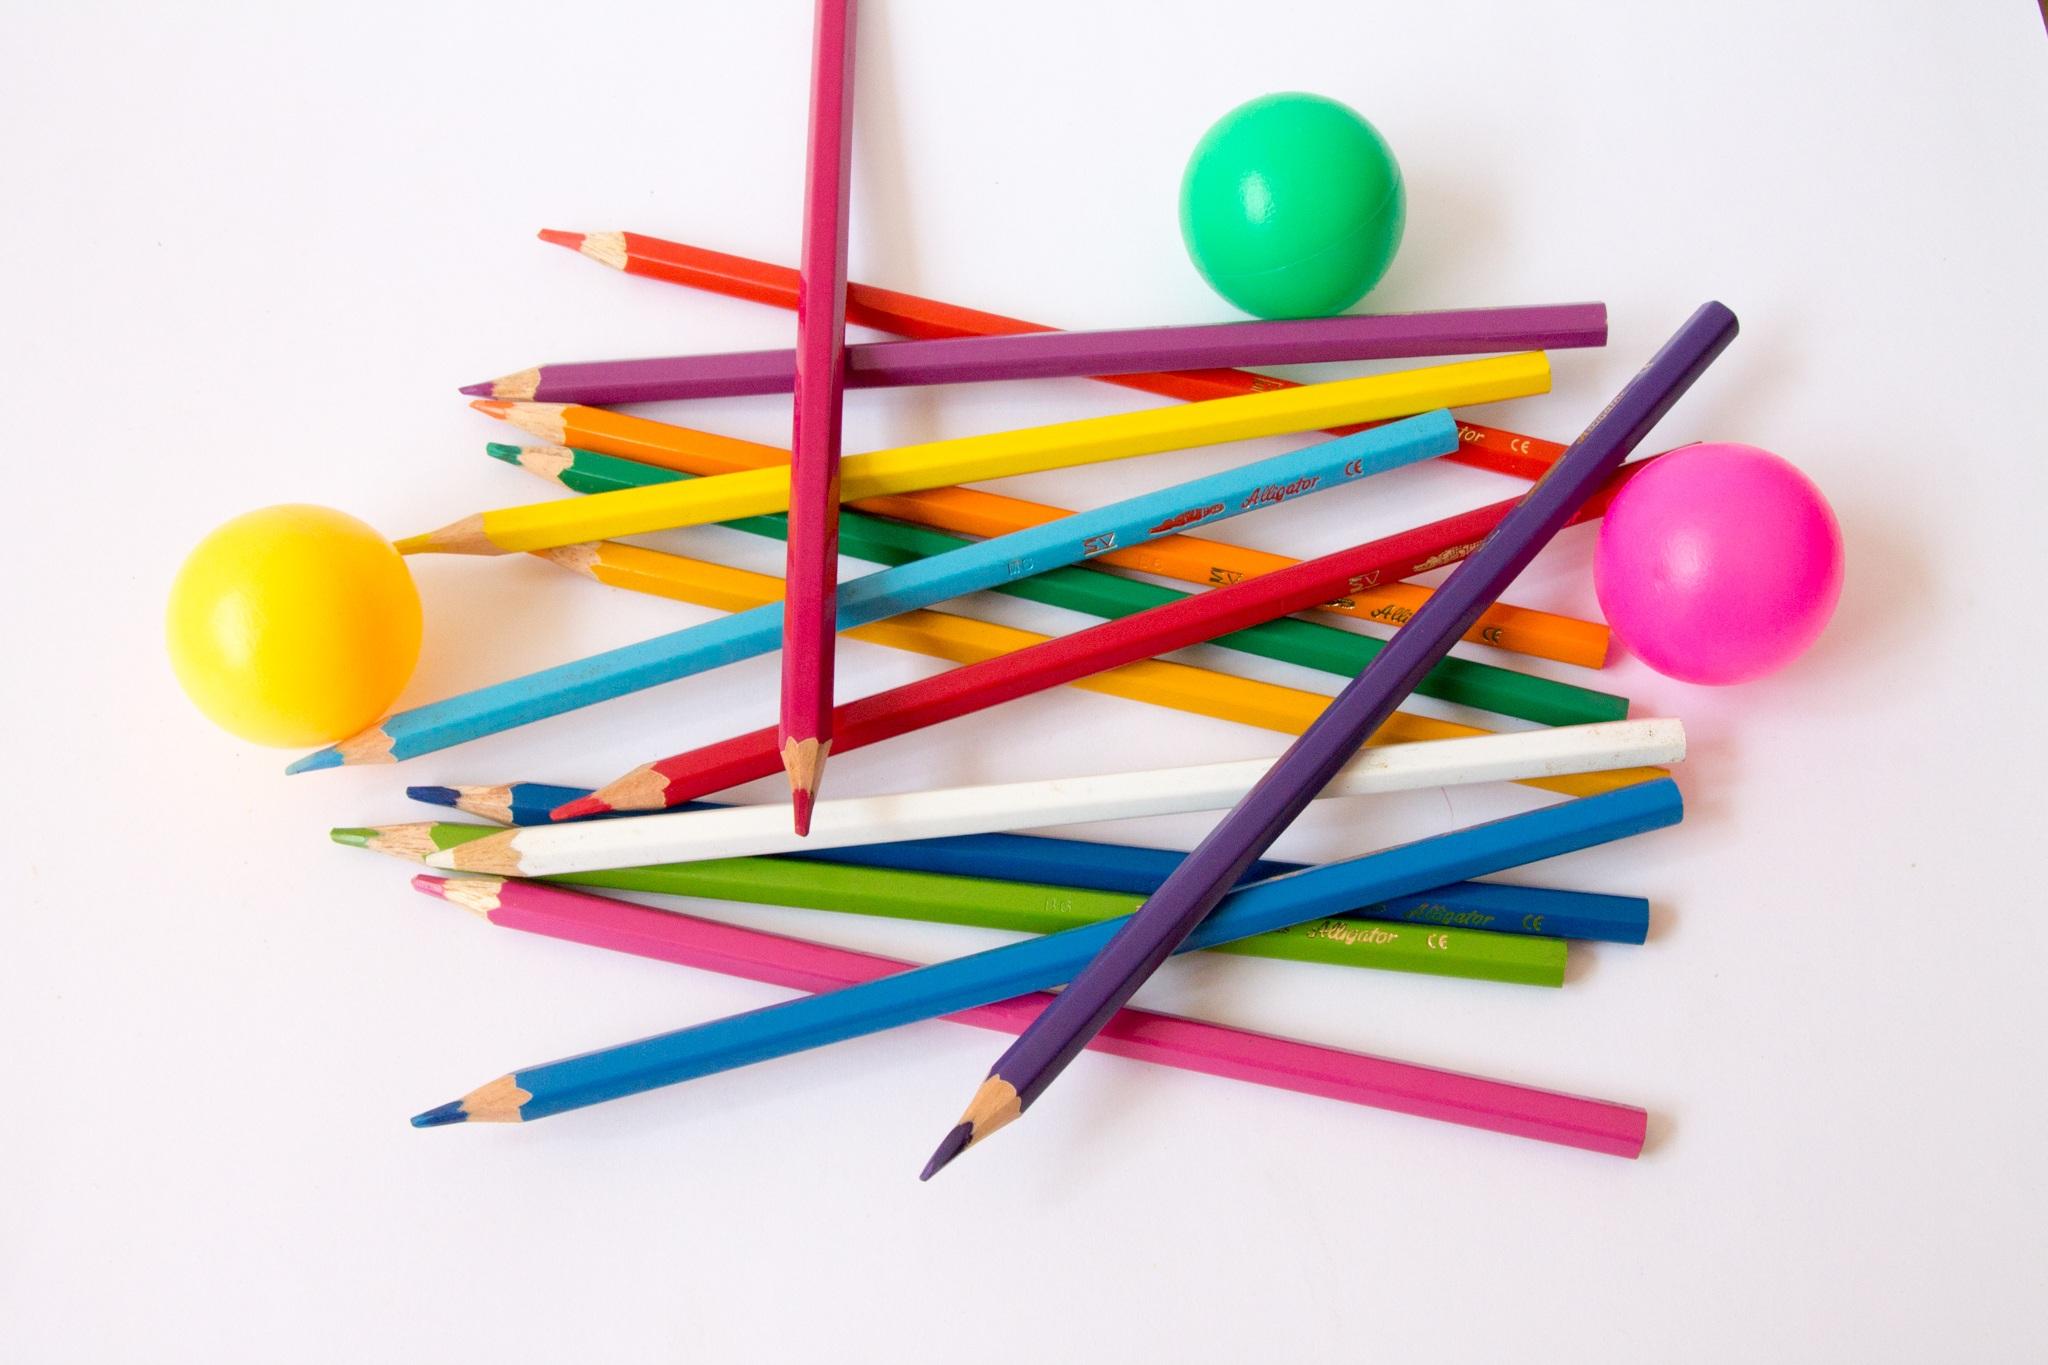 color-balls-616050